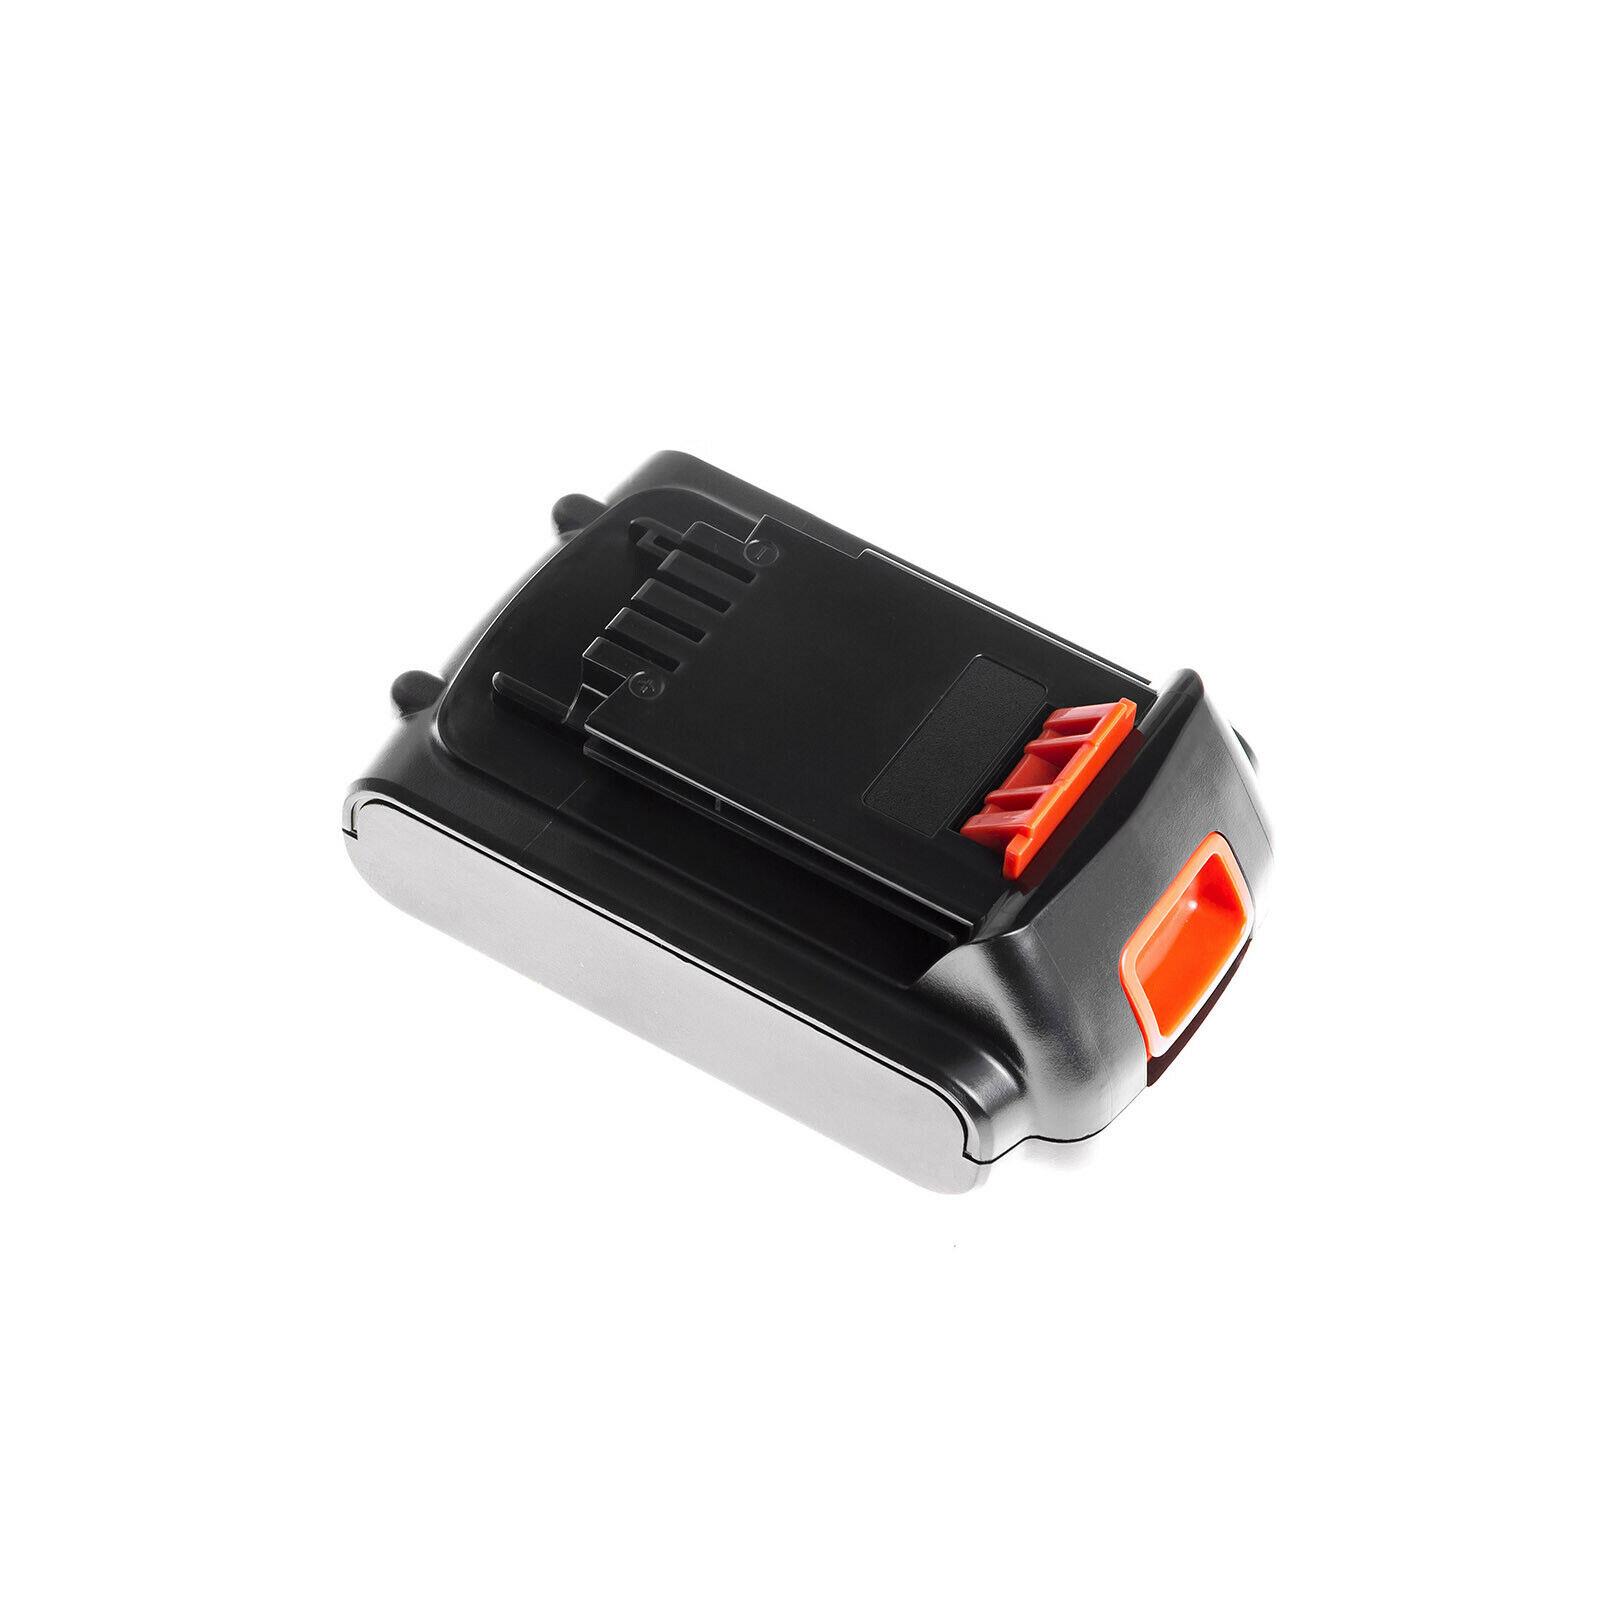 Batterie Black & Decker BDCDD18N BDCDD220C BDCDDBT120C (1.5Ah 18V)(compatible)